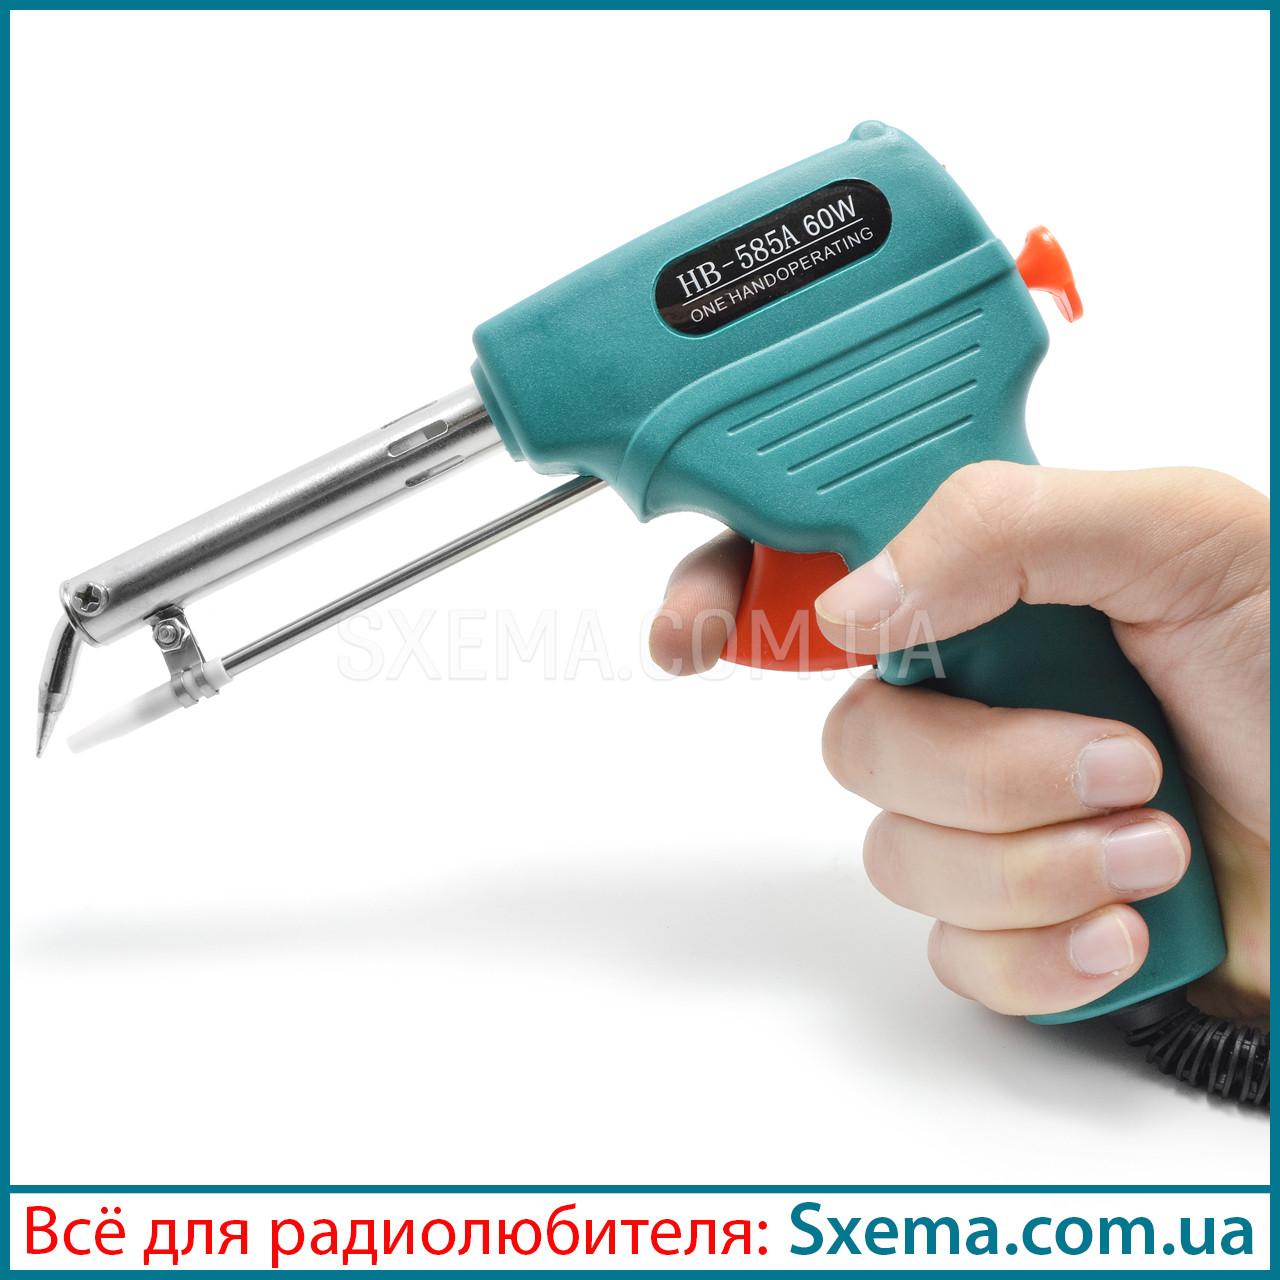 Паяльник с подачей припоя HB-585A, 60Вт